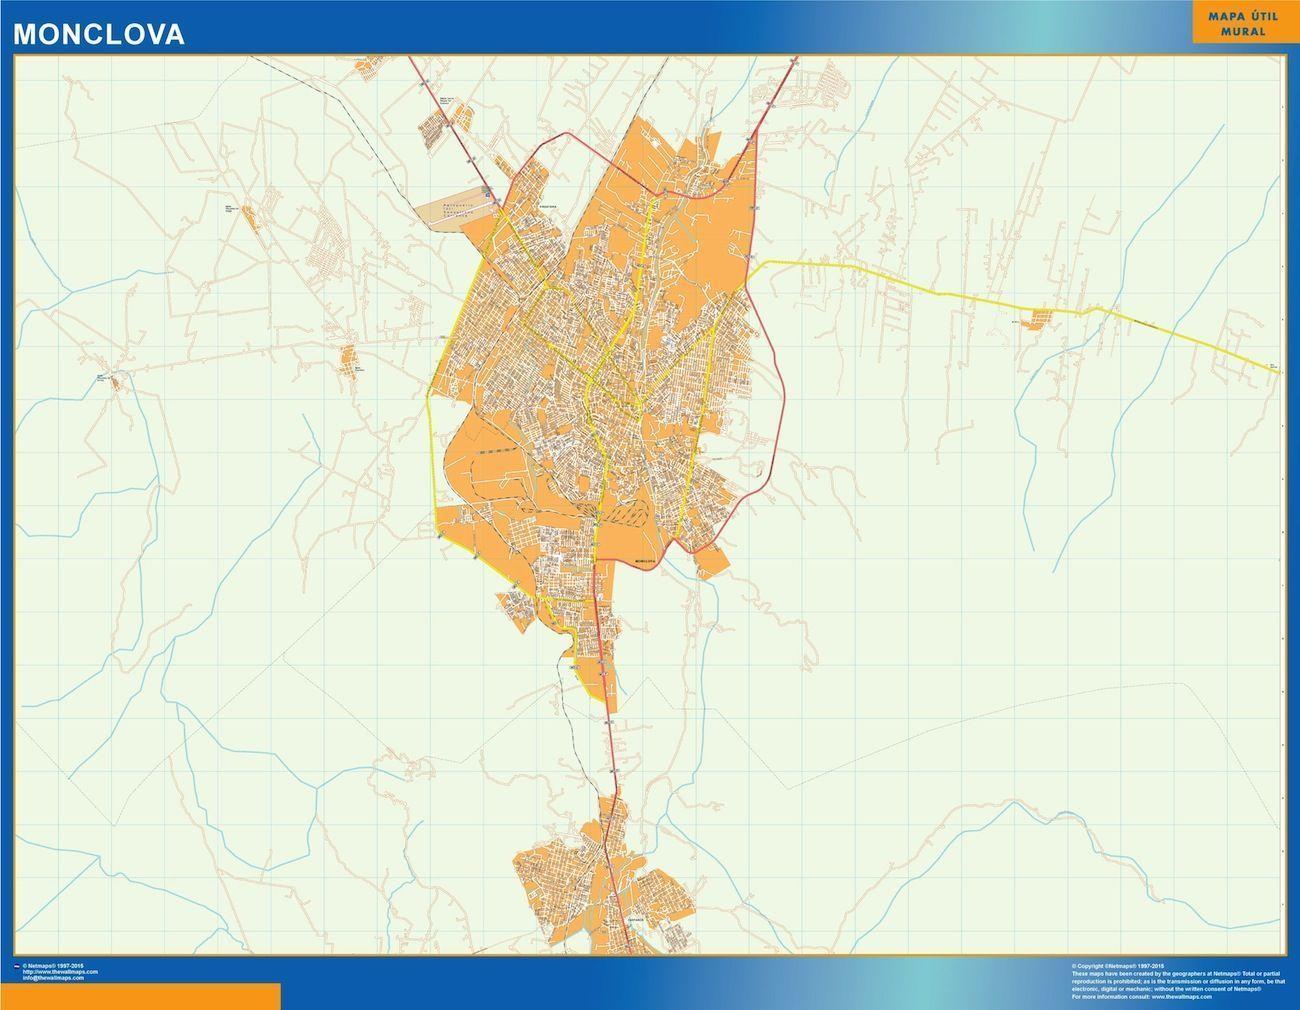 Monclova Mexico Map.Mapa Monclova Digital Maps Netmaps Uk Vector Eps Wall Maps